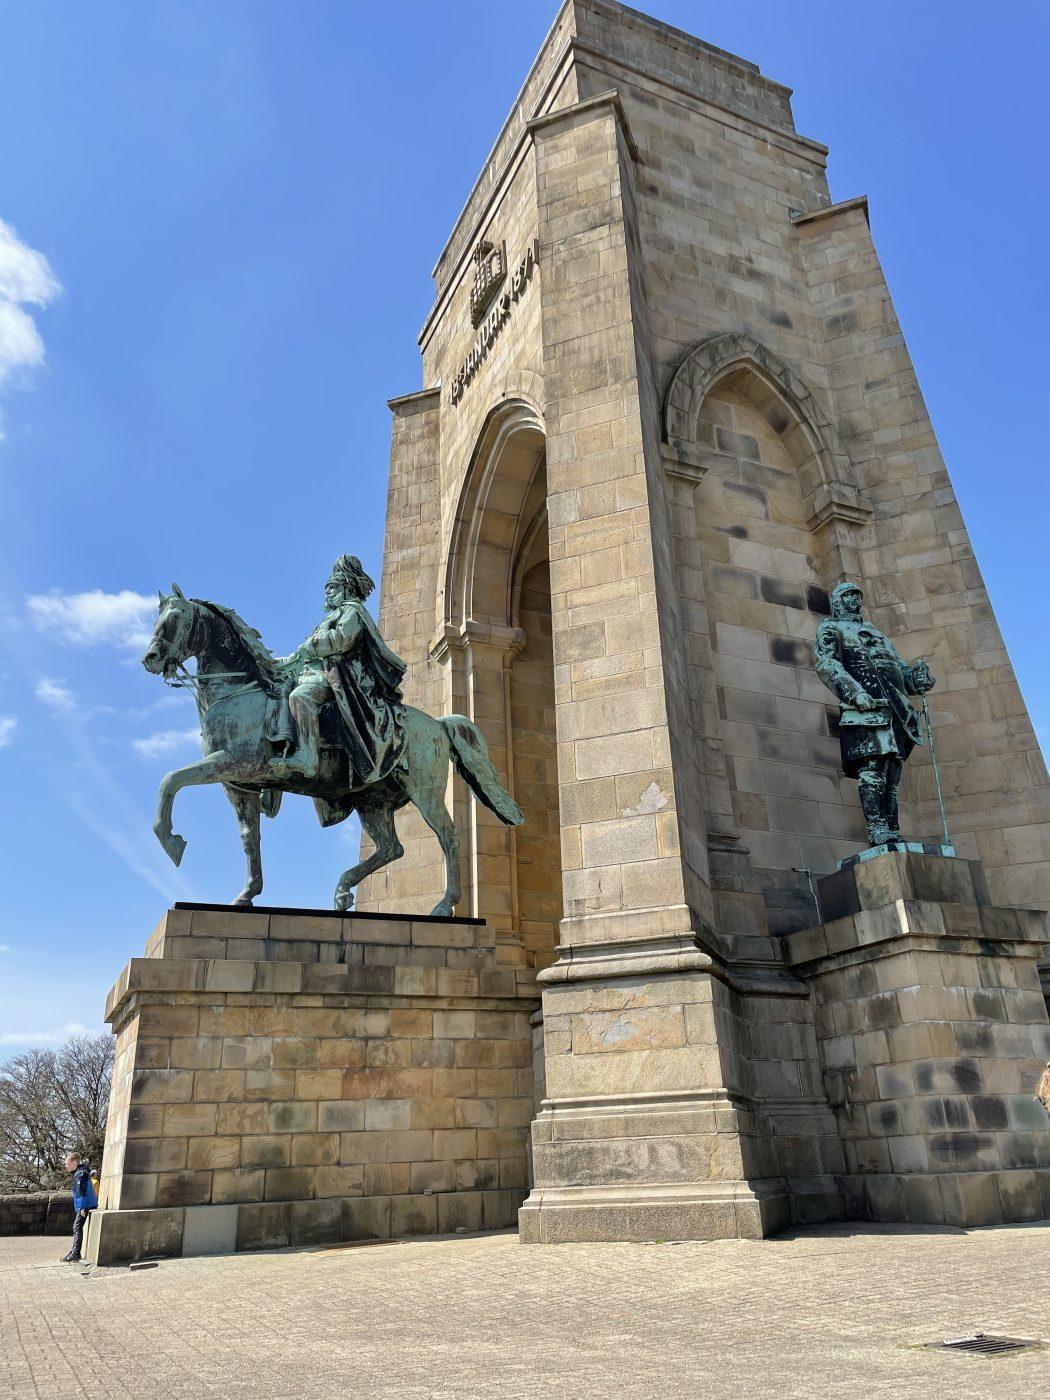 Das Foto zeigt das imposante Kaiser-Wilhelm Denkmal auf der Hohensyburg